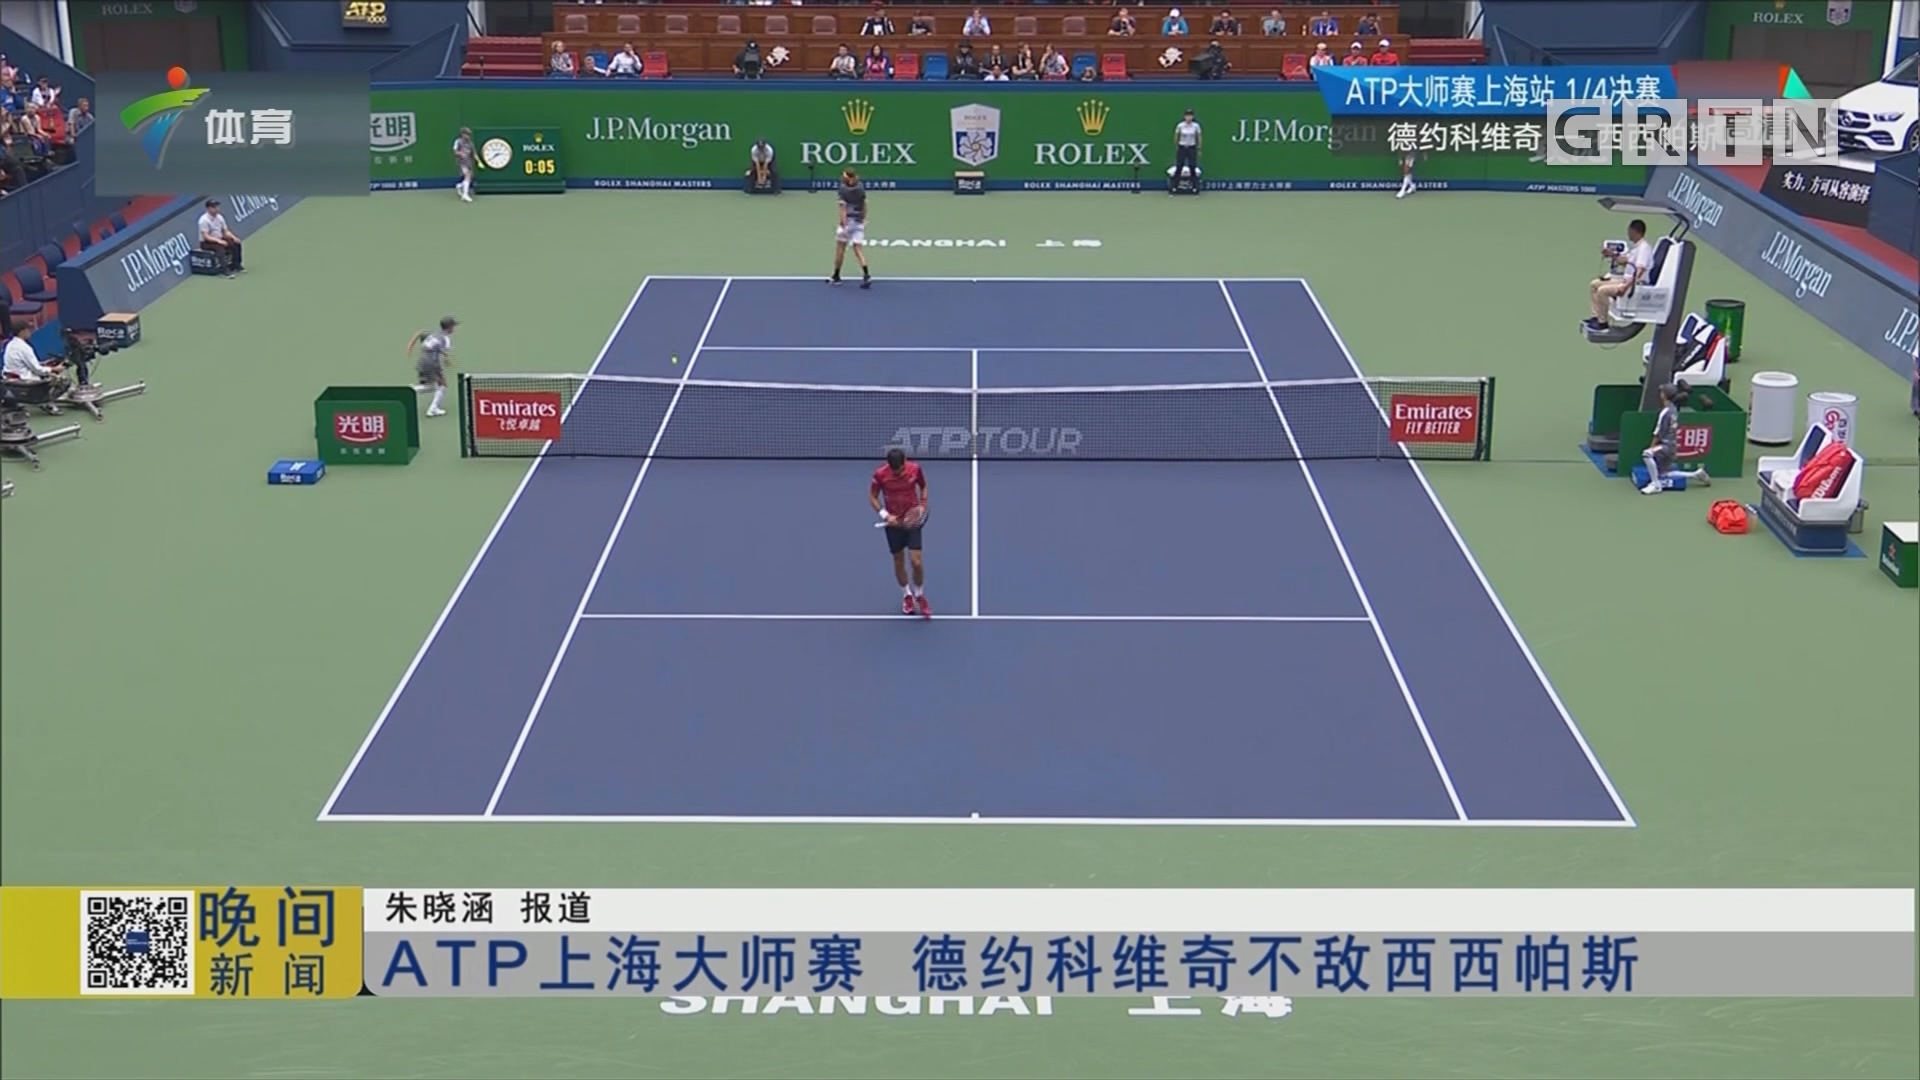 ATP上海大师赛 德约科维奇不敌西西帕斯